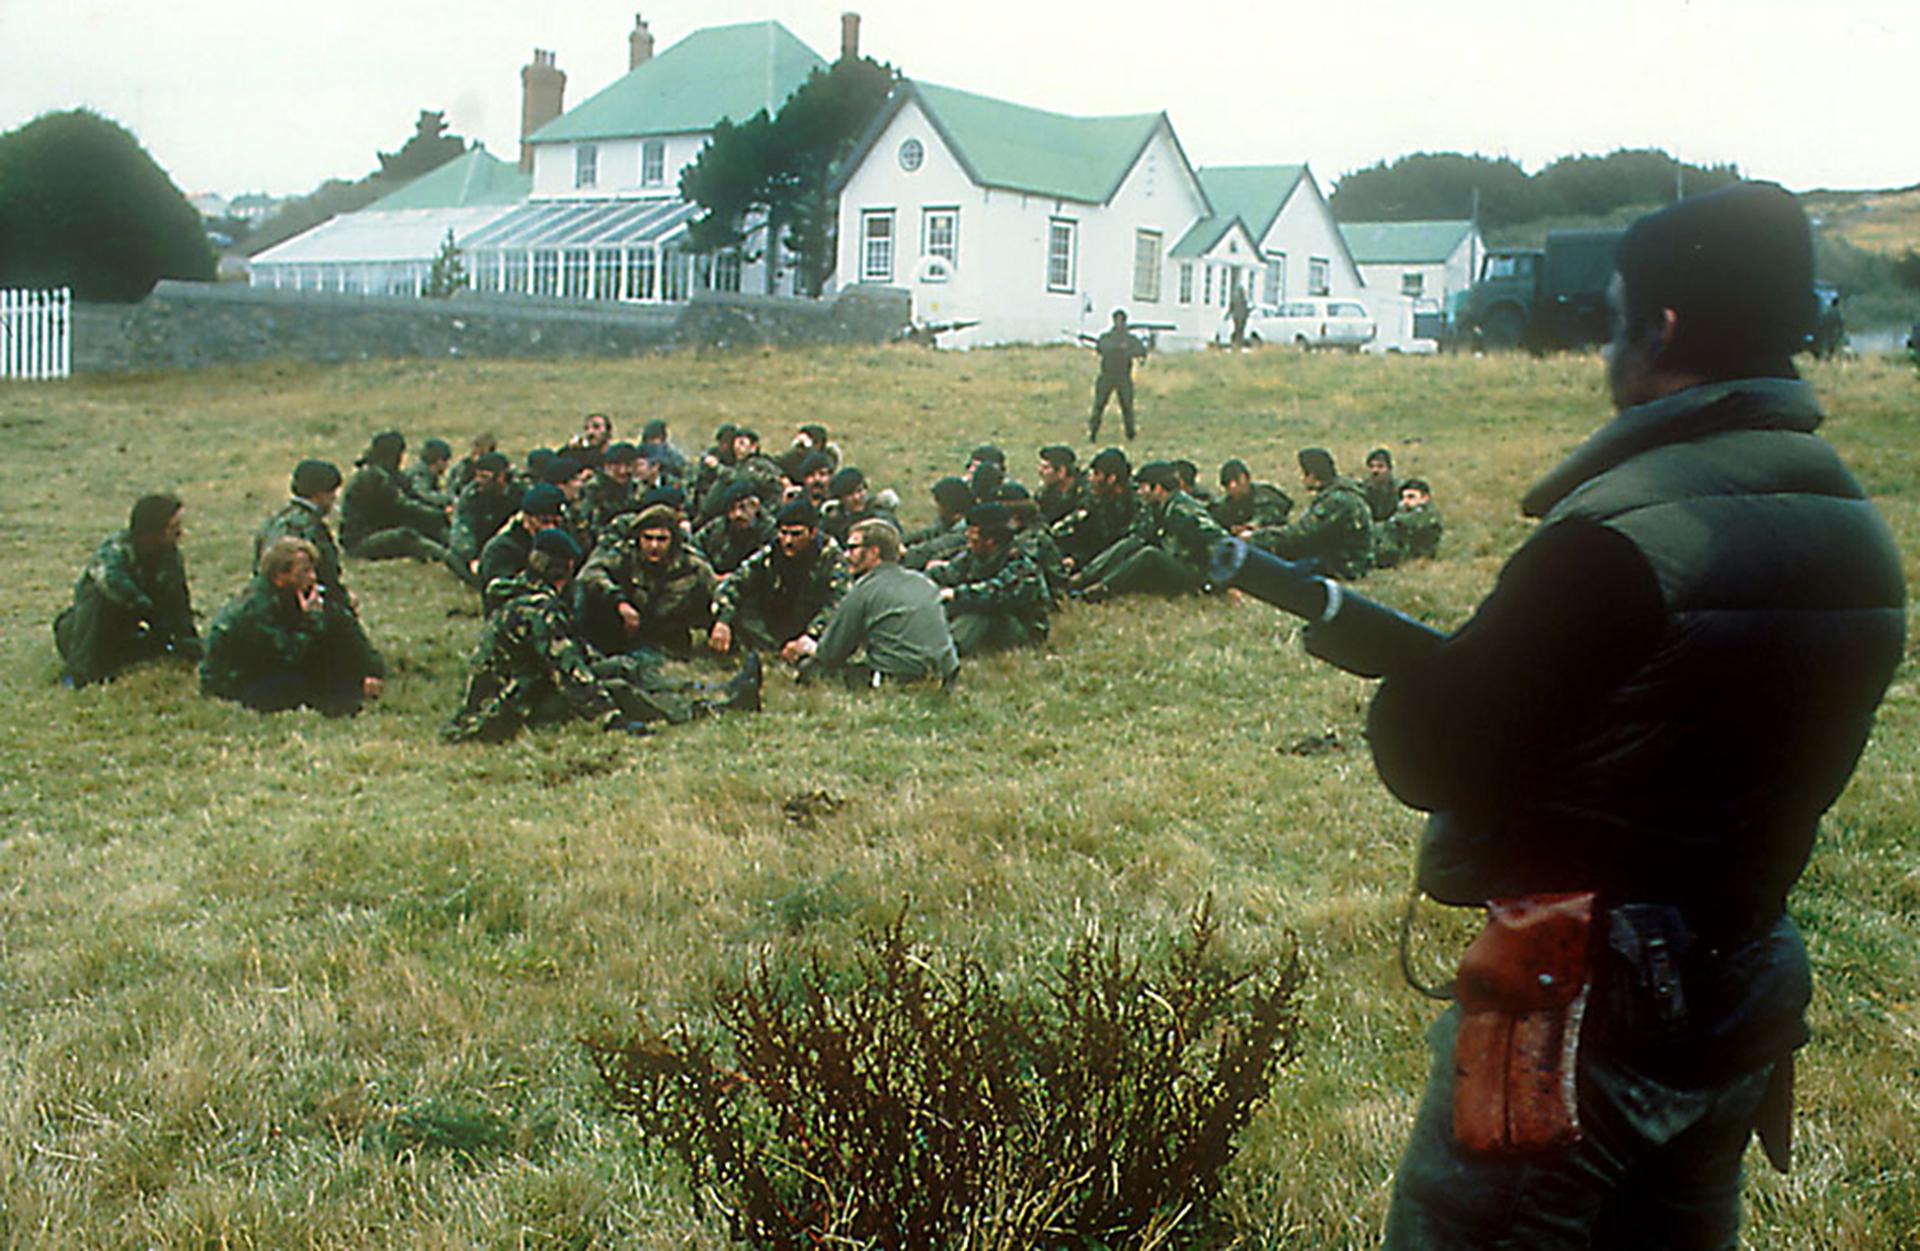 Tras la rendición, los anfibios argentinos llevana los Royal Marineshasta los jardines ubicados frente a la casa del gobernador Rex Hunt, quien se resistió a dejar su residencia